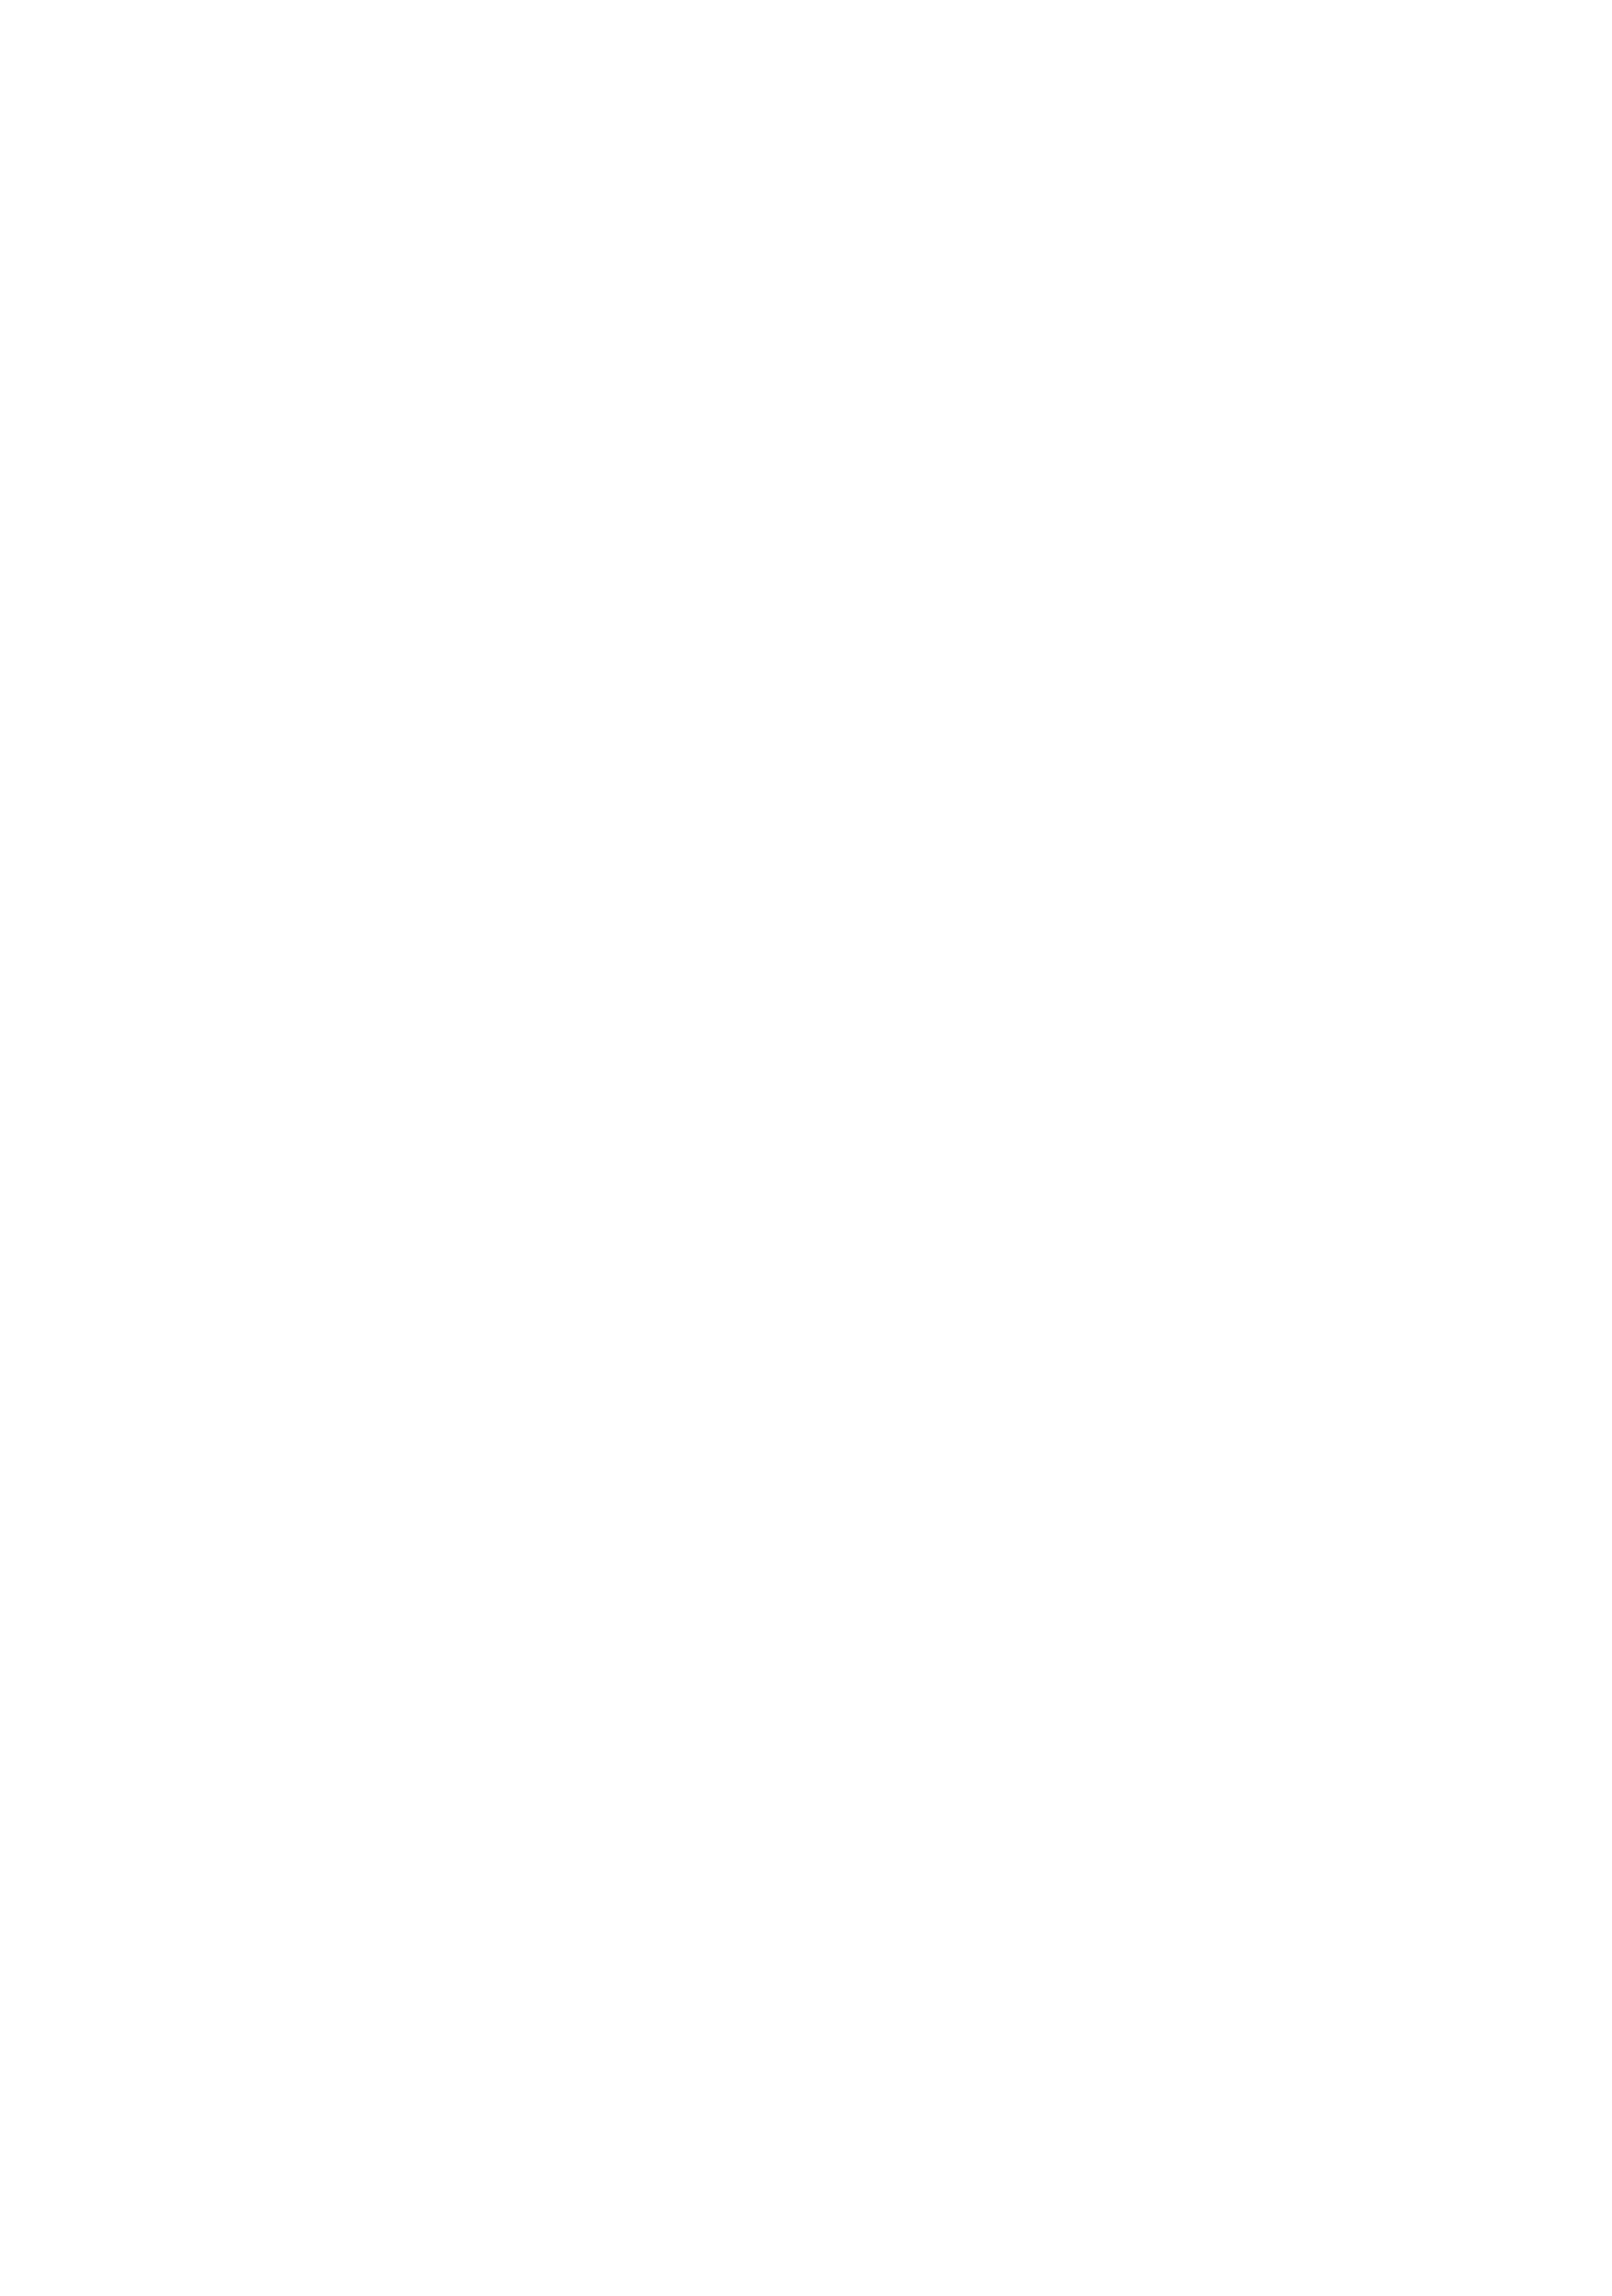 Megami-tachi no Requiem 1